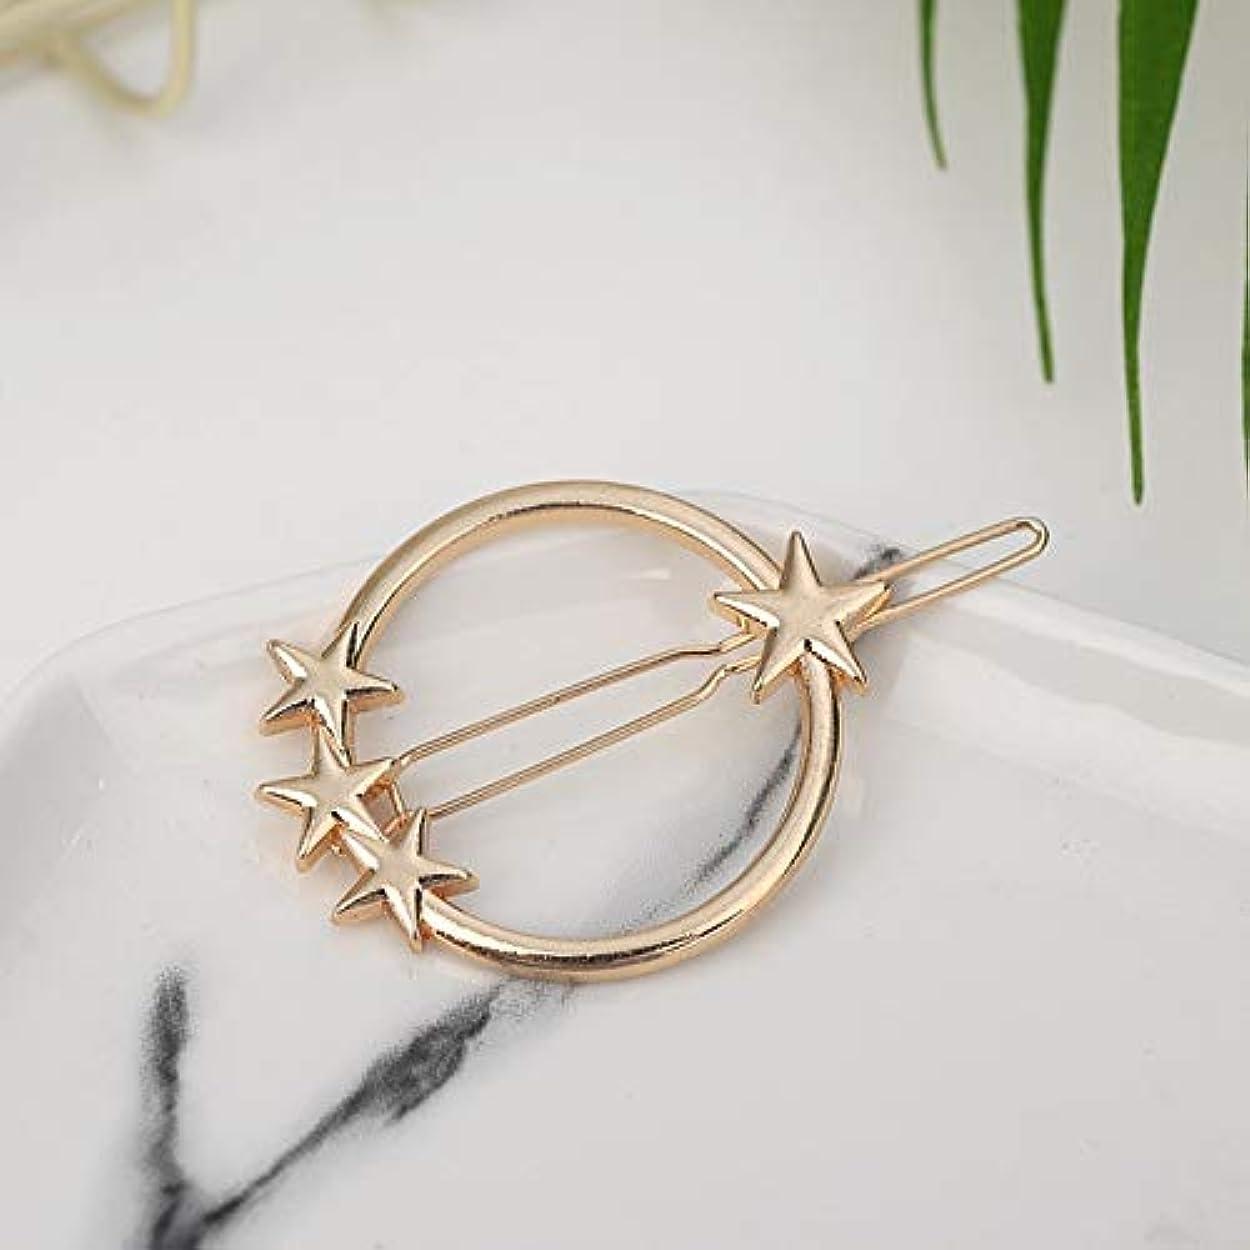 楽な注入する細菌Hairpinheair YHM 2ピースファッション女性ヘアアクセサリートライアングルヘアクリップピンメタル幾何学的合金ヘアバンド(ムーンゴールド) (色 : Round-star gold)